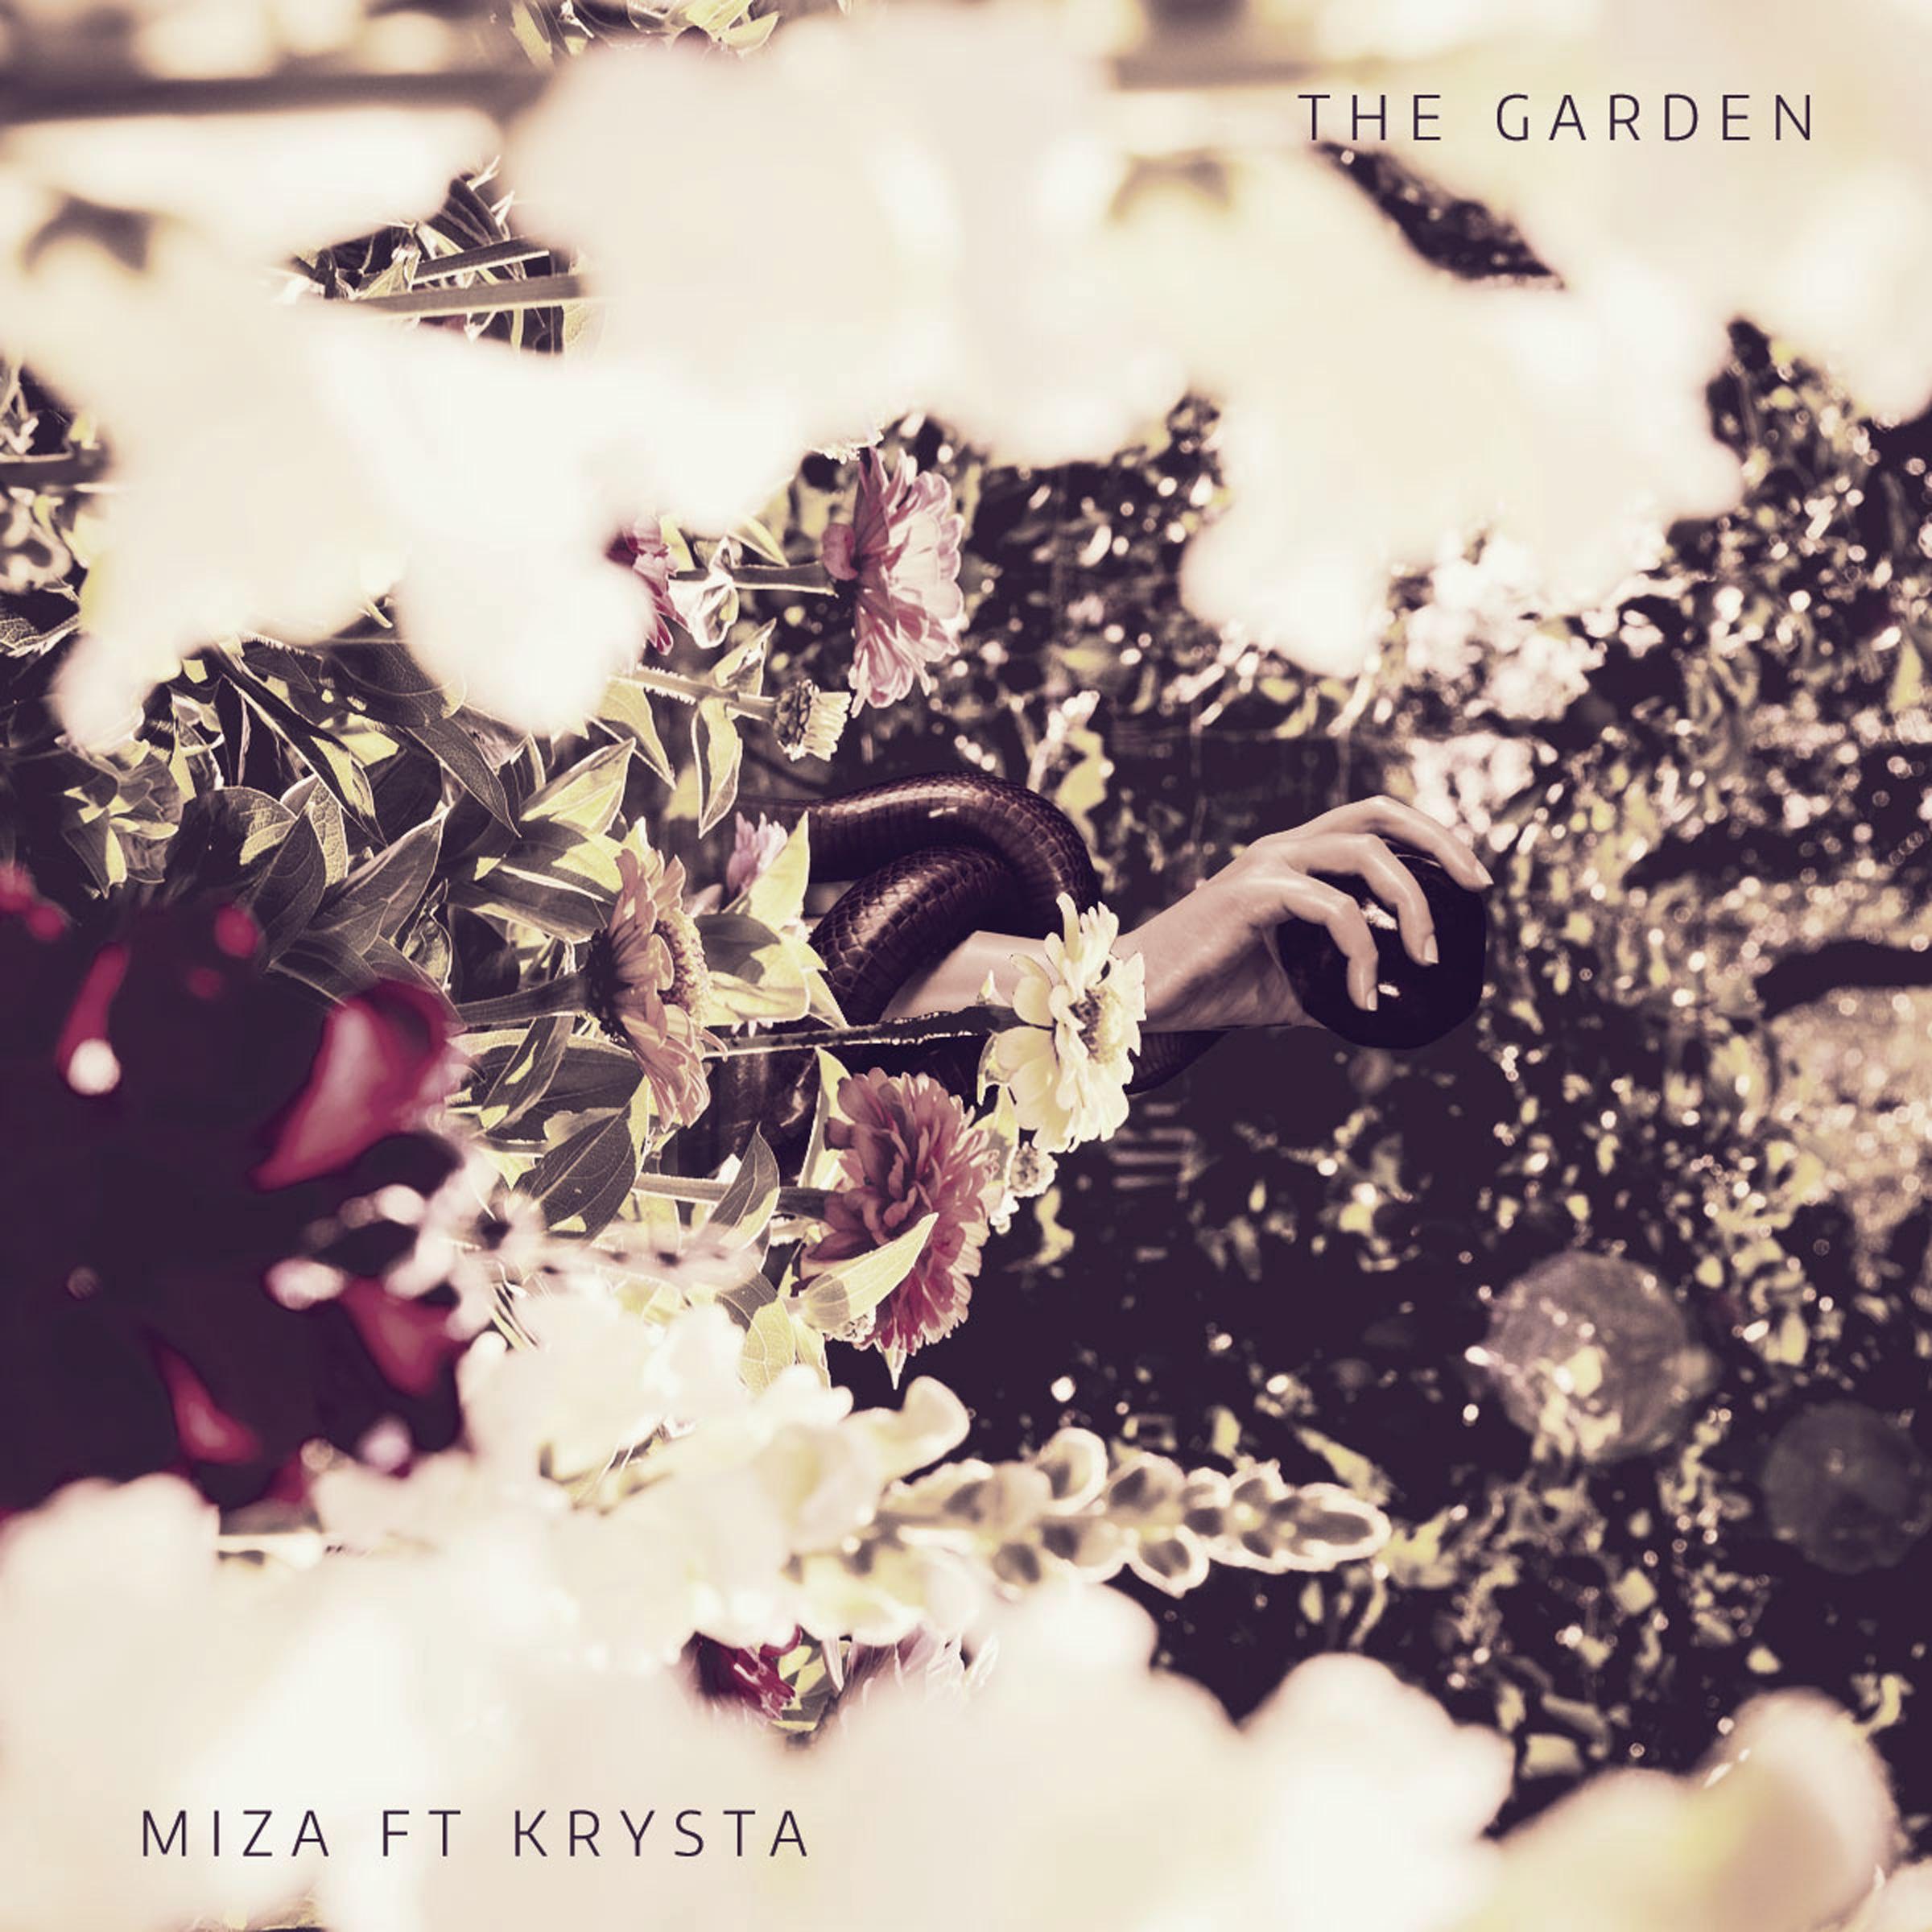 MIZA FEAT. KKRYSTA